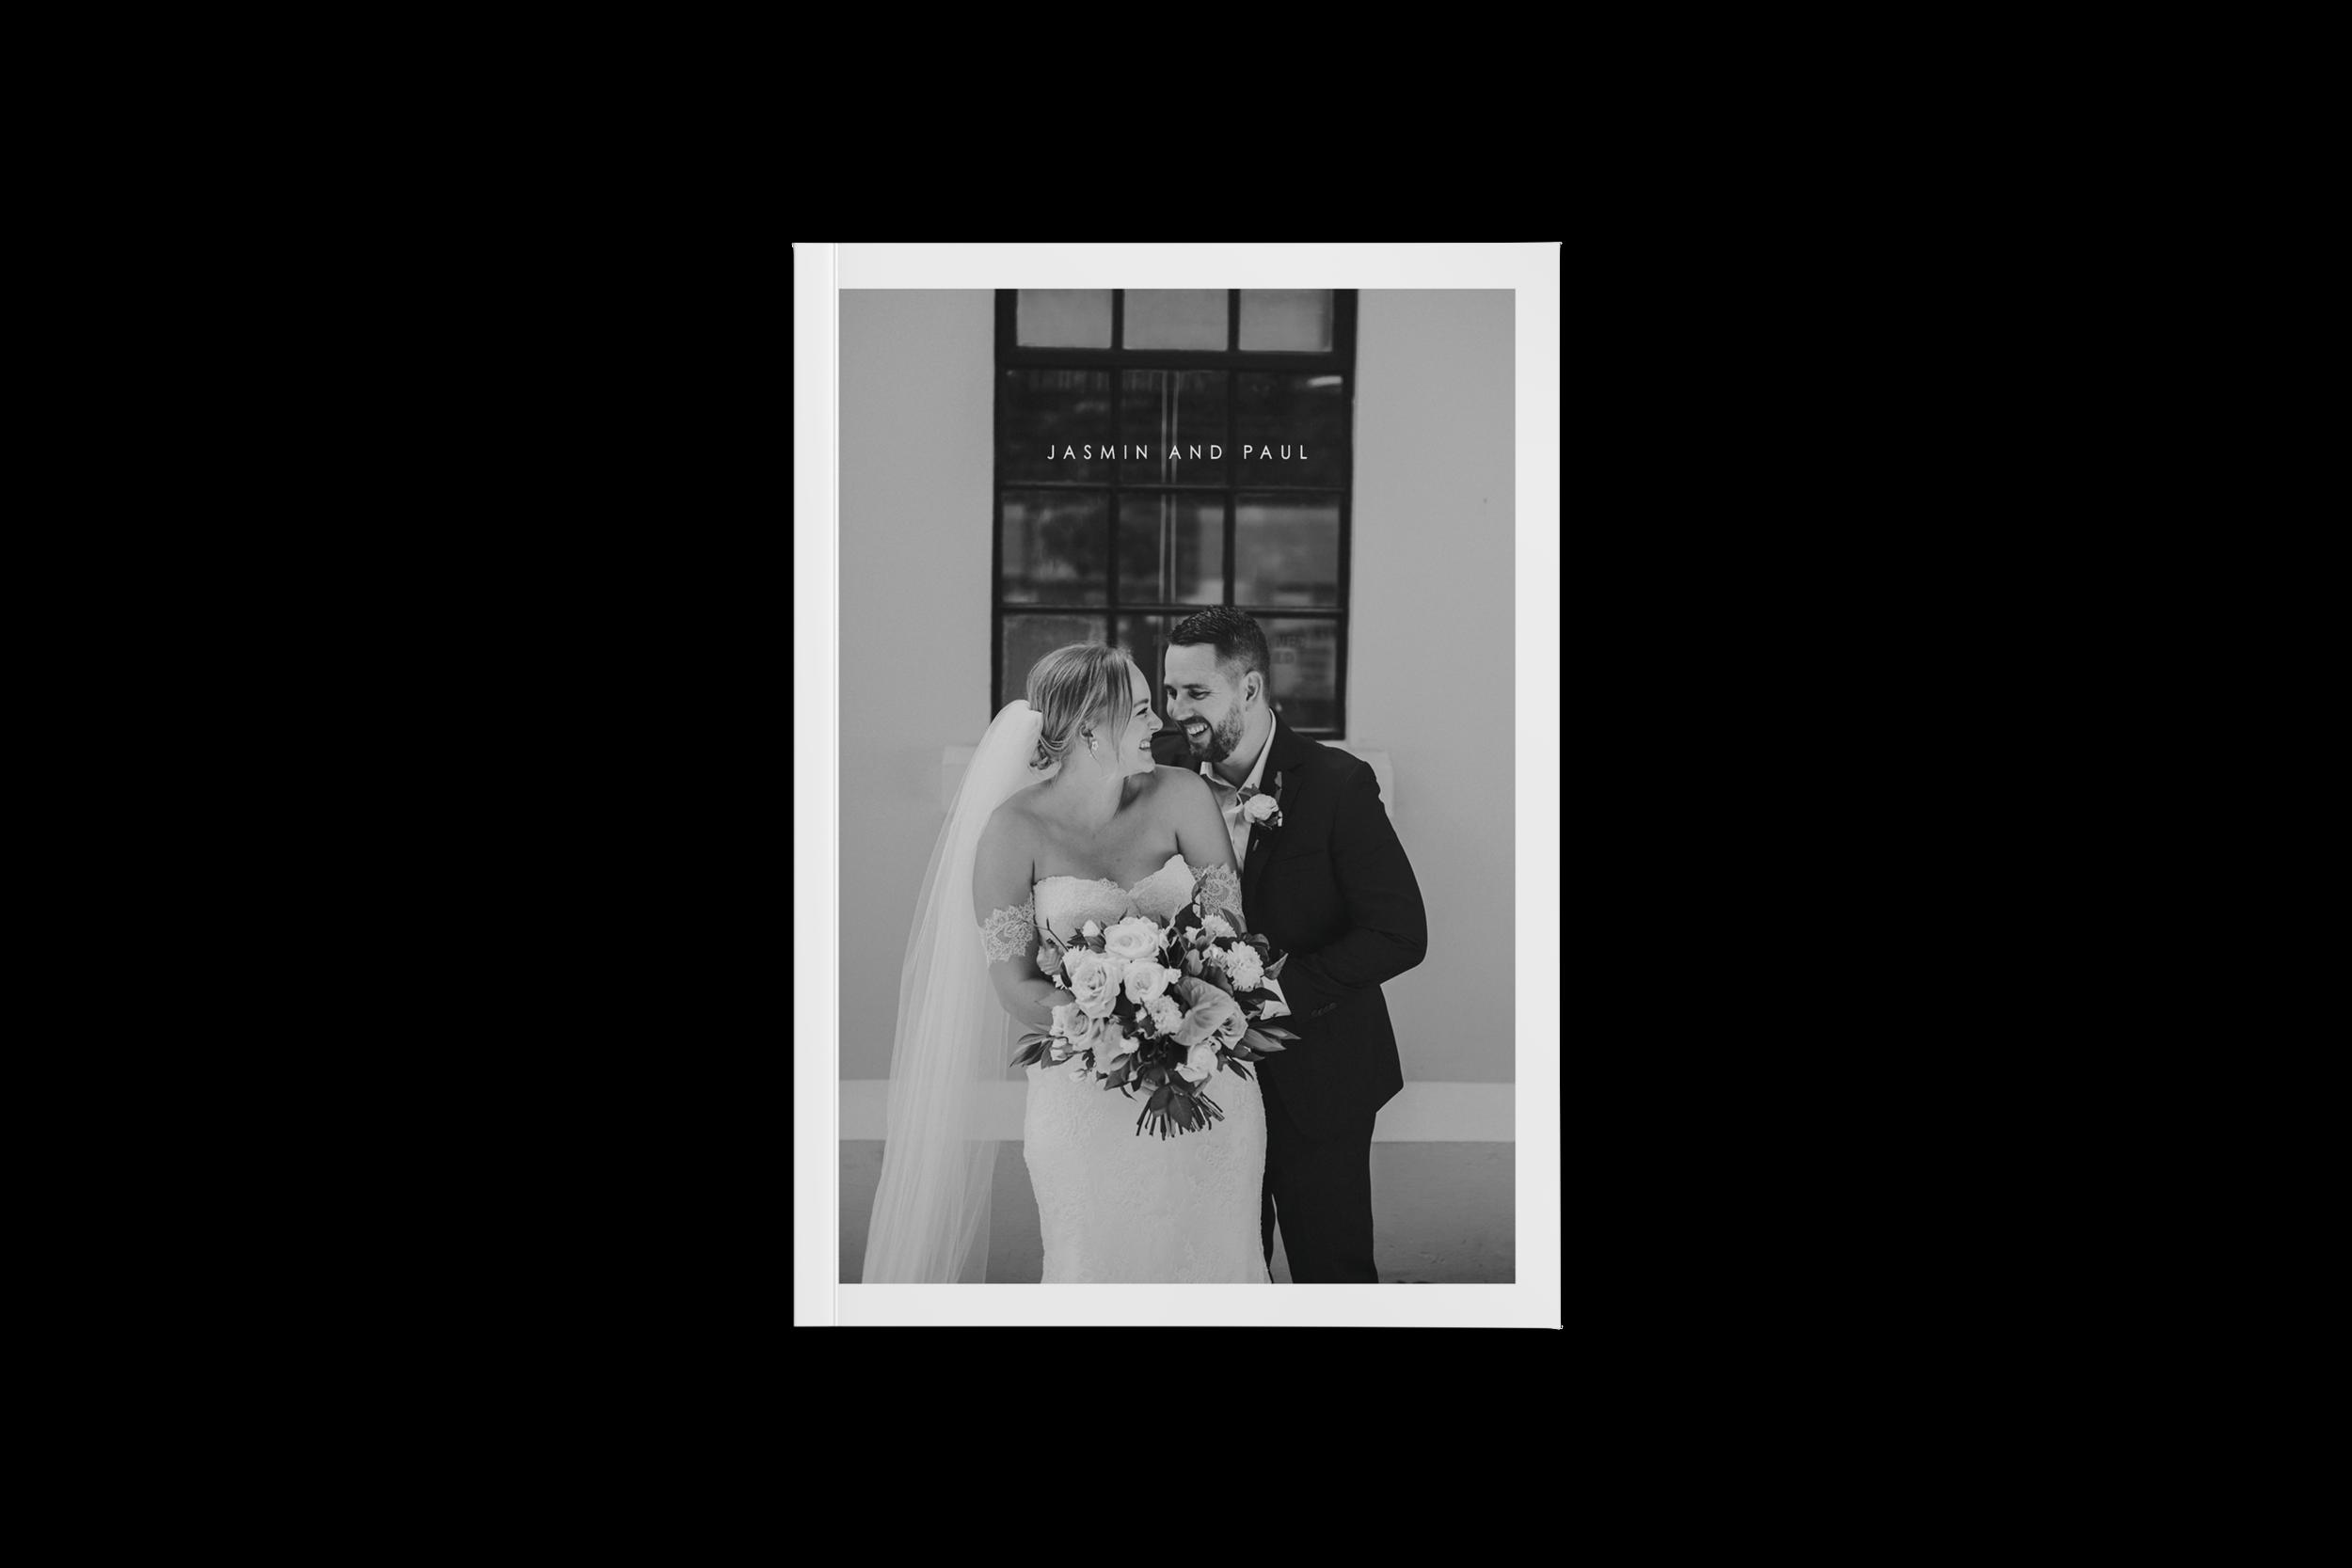 Jasmin-Paul-Wedding-Zine-Cover.png